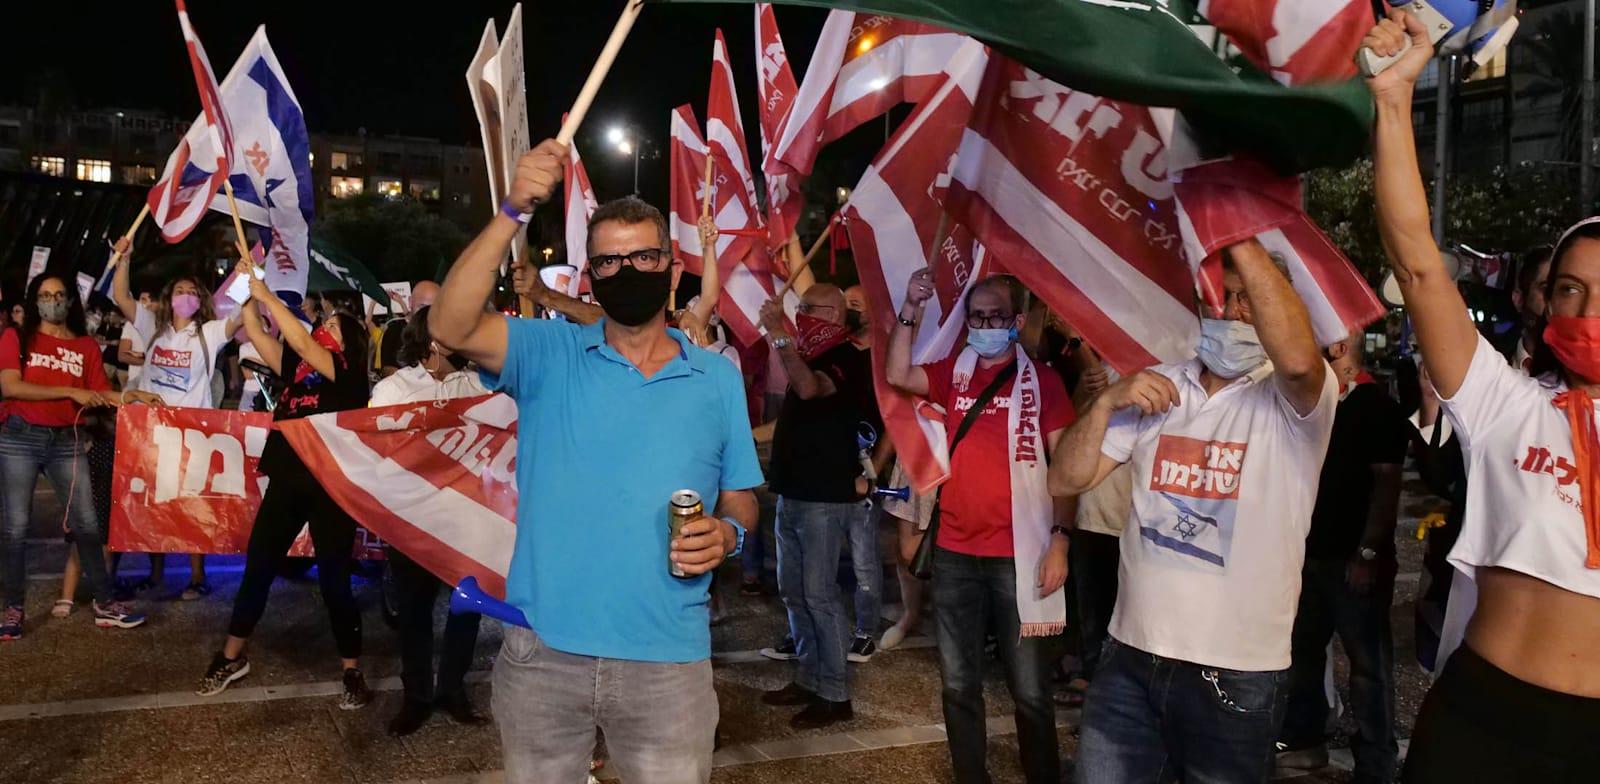 הפגנת העצמאים בשבוע שעבר בתל אביב